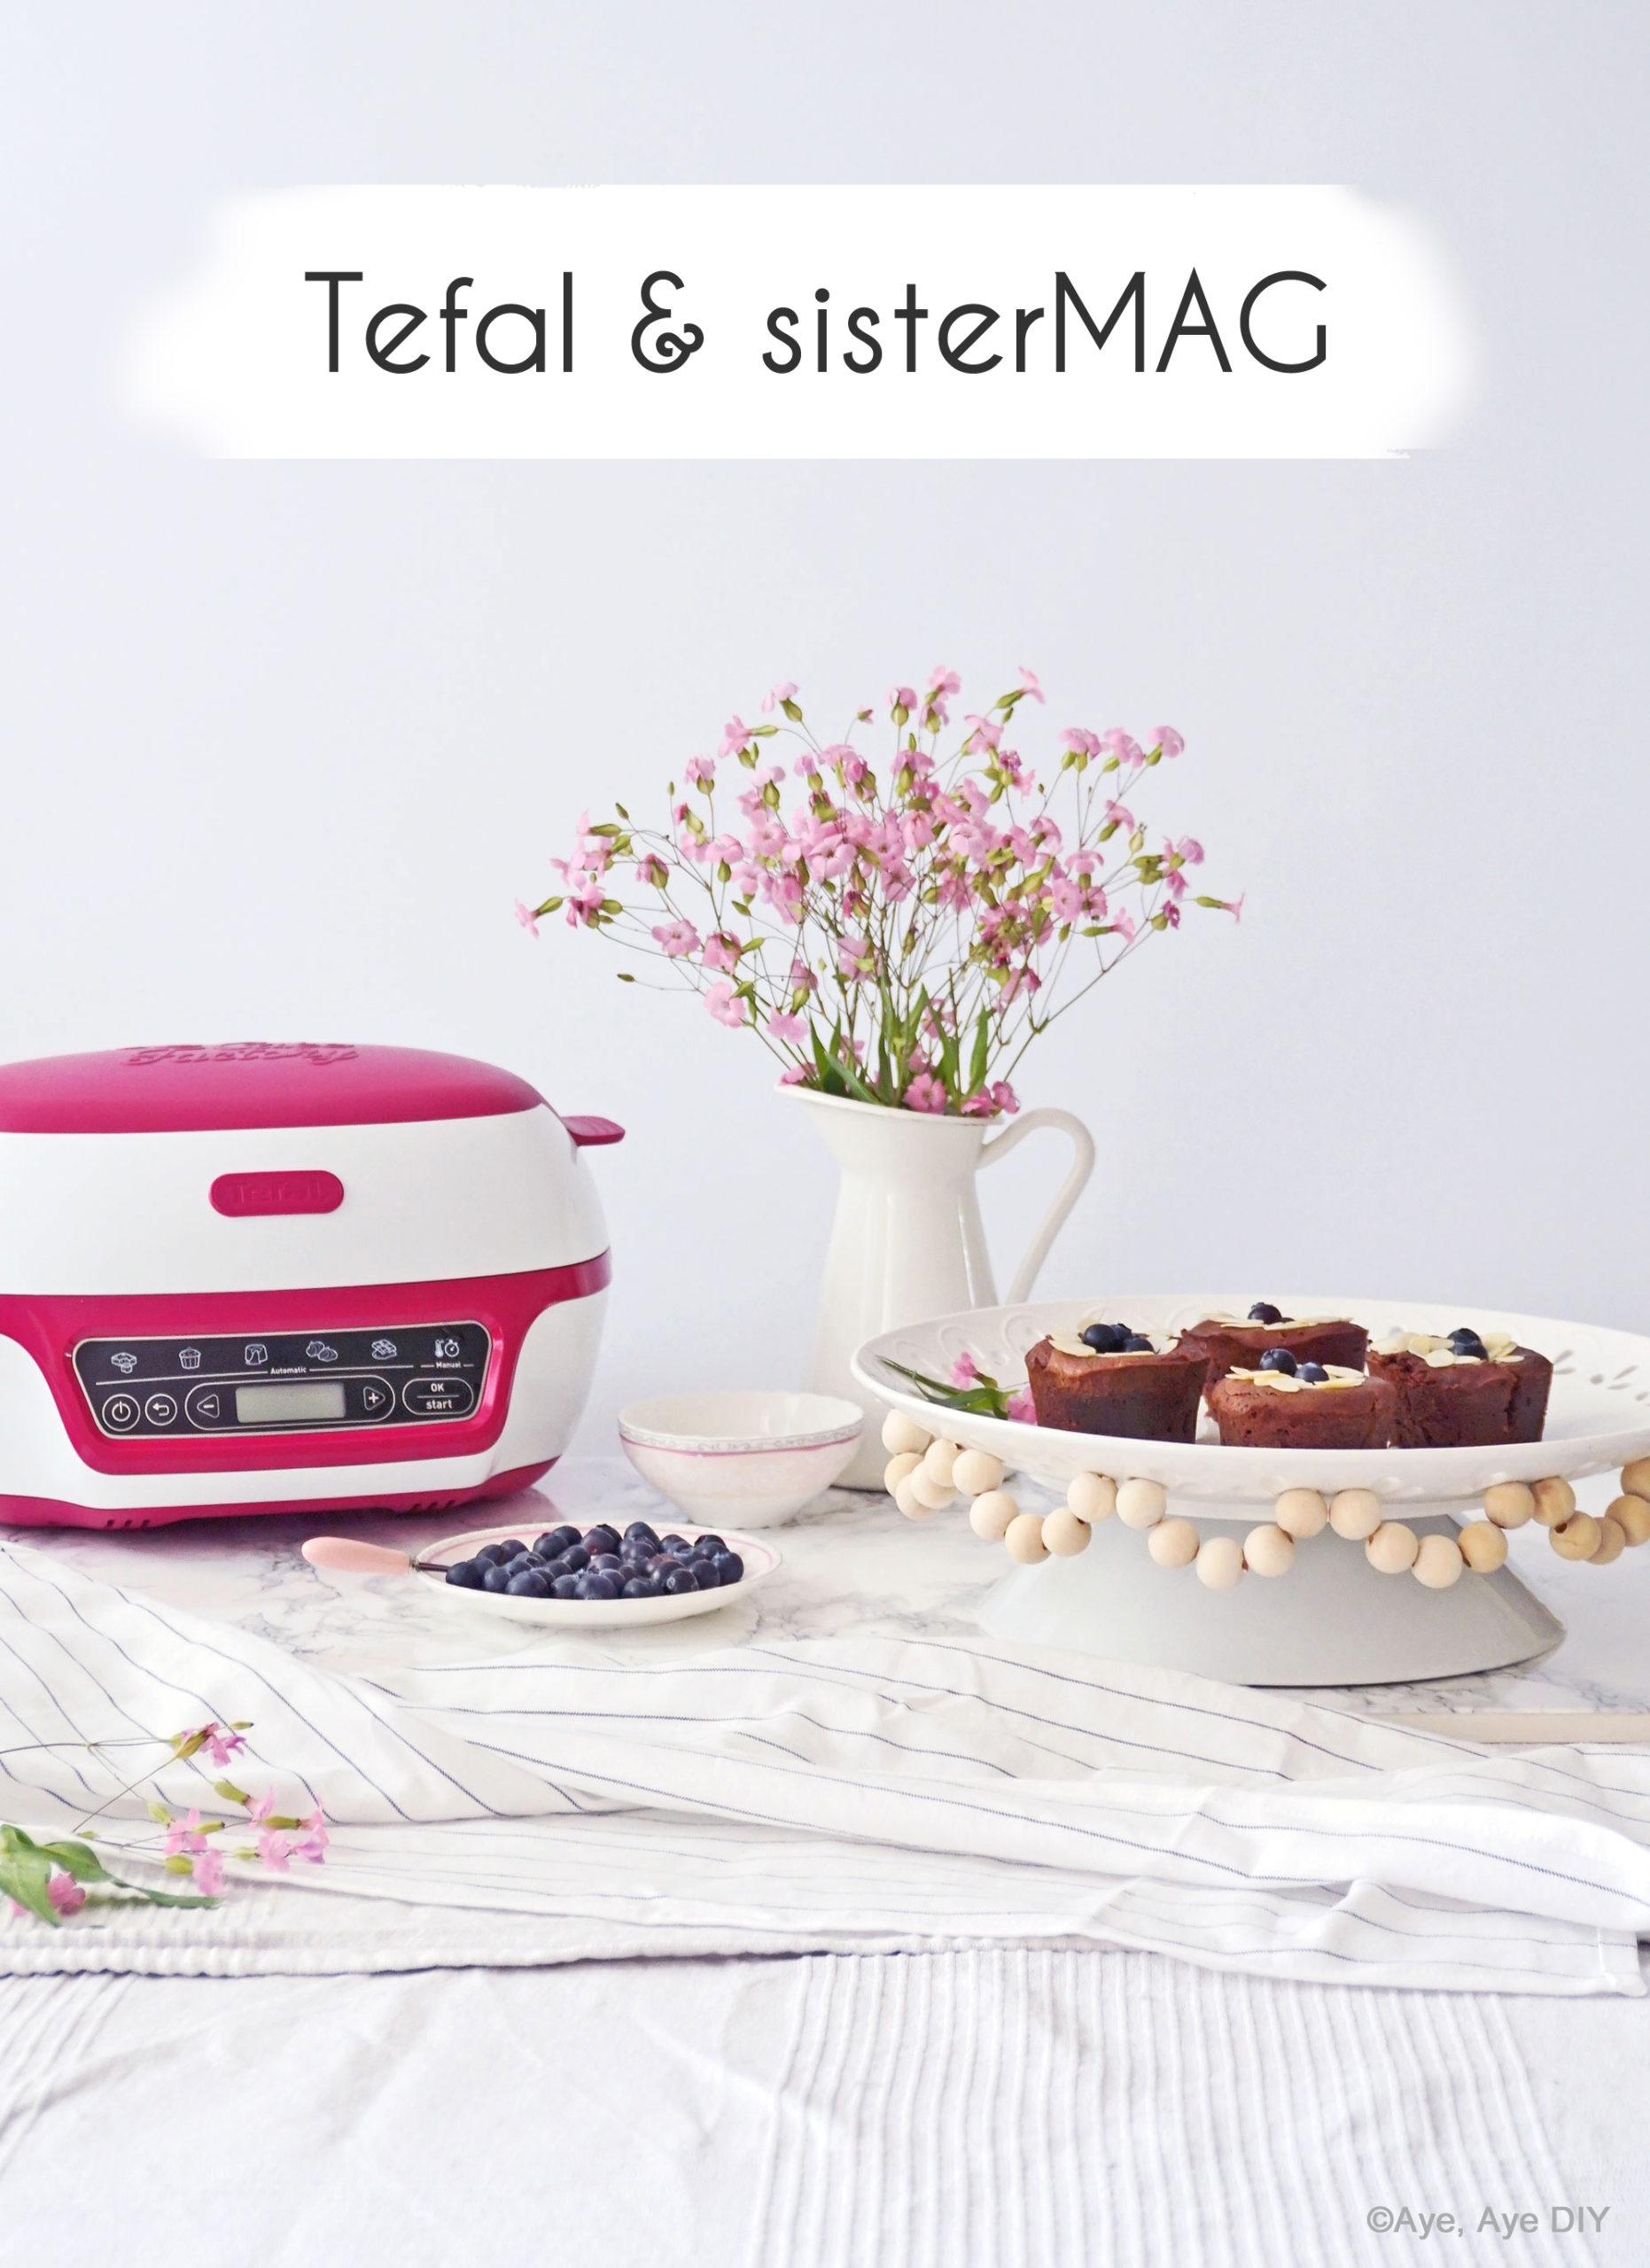 Tefal & sisterMAG